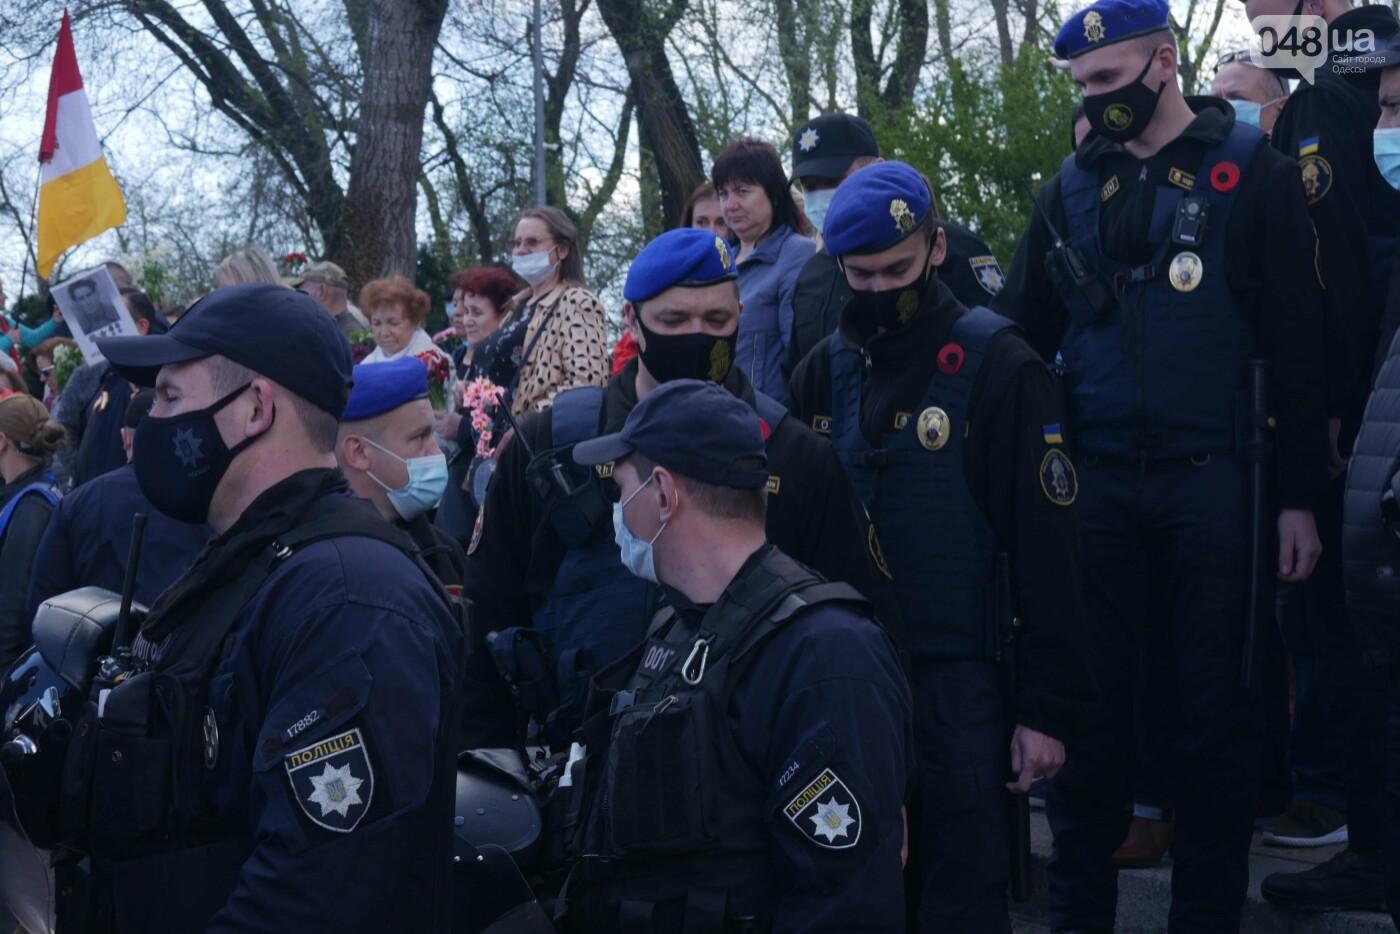 9 мая в Одессе: плевались, дрались и плакали, - ФОТО, ВИДЕО, фото-17